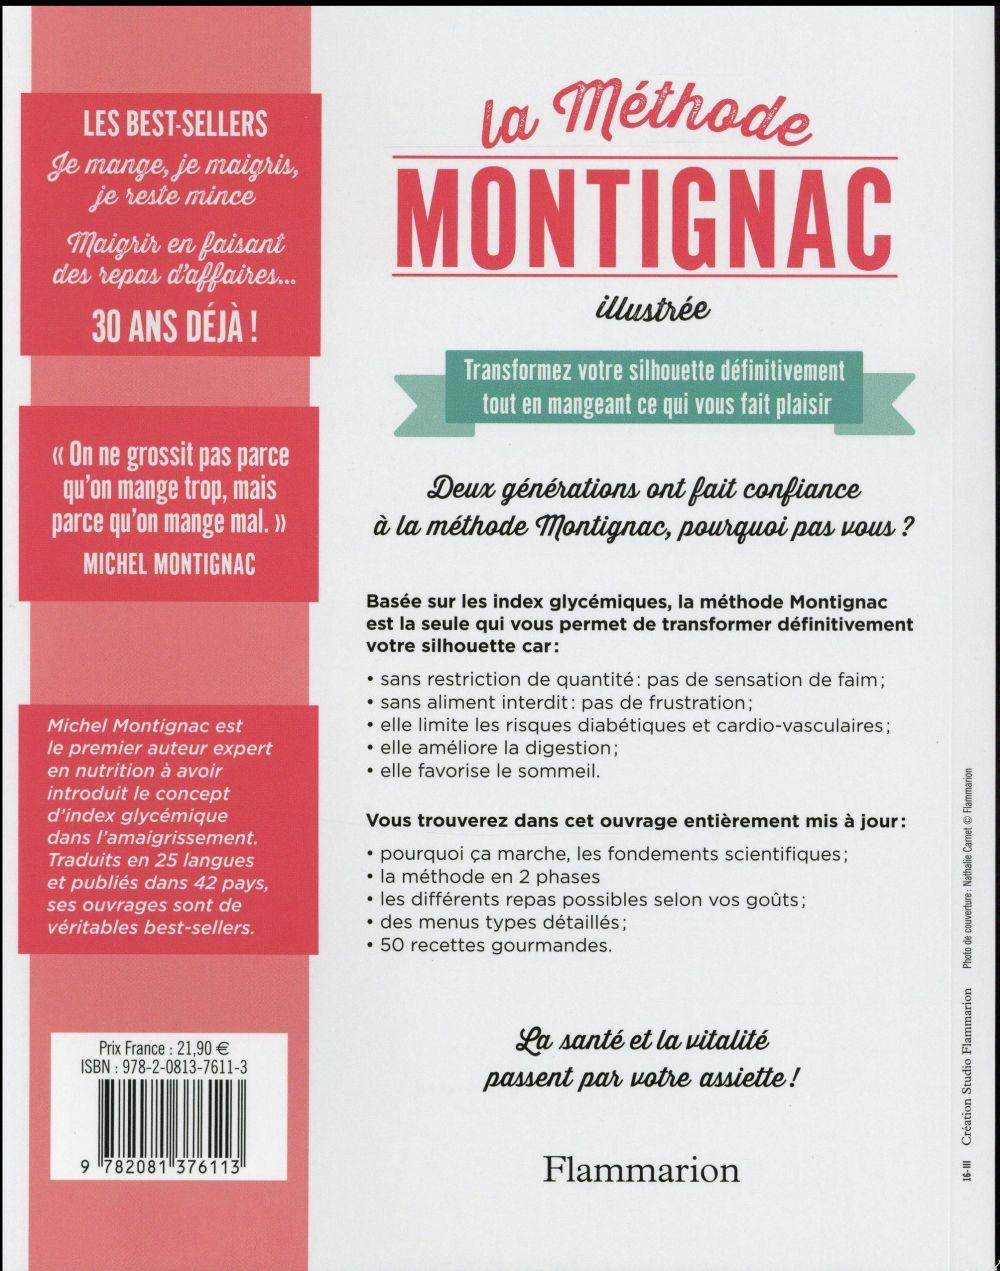 la méthode Montignac illustrée ; transformez votre silhouette tout en vous faisant plaisir